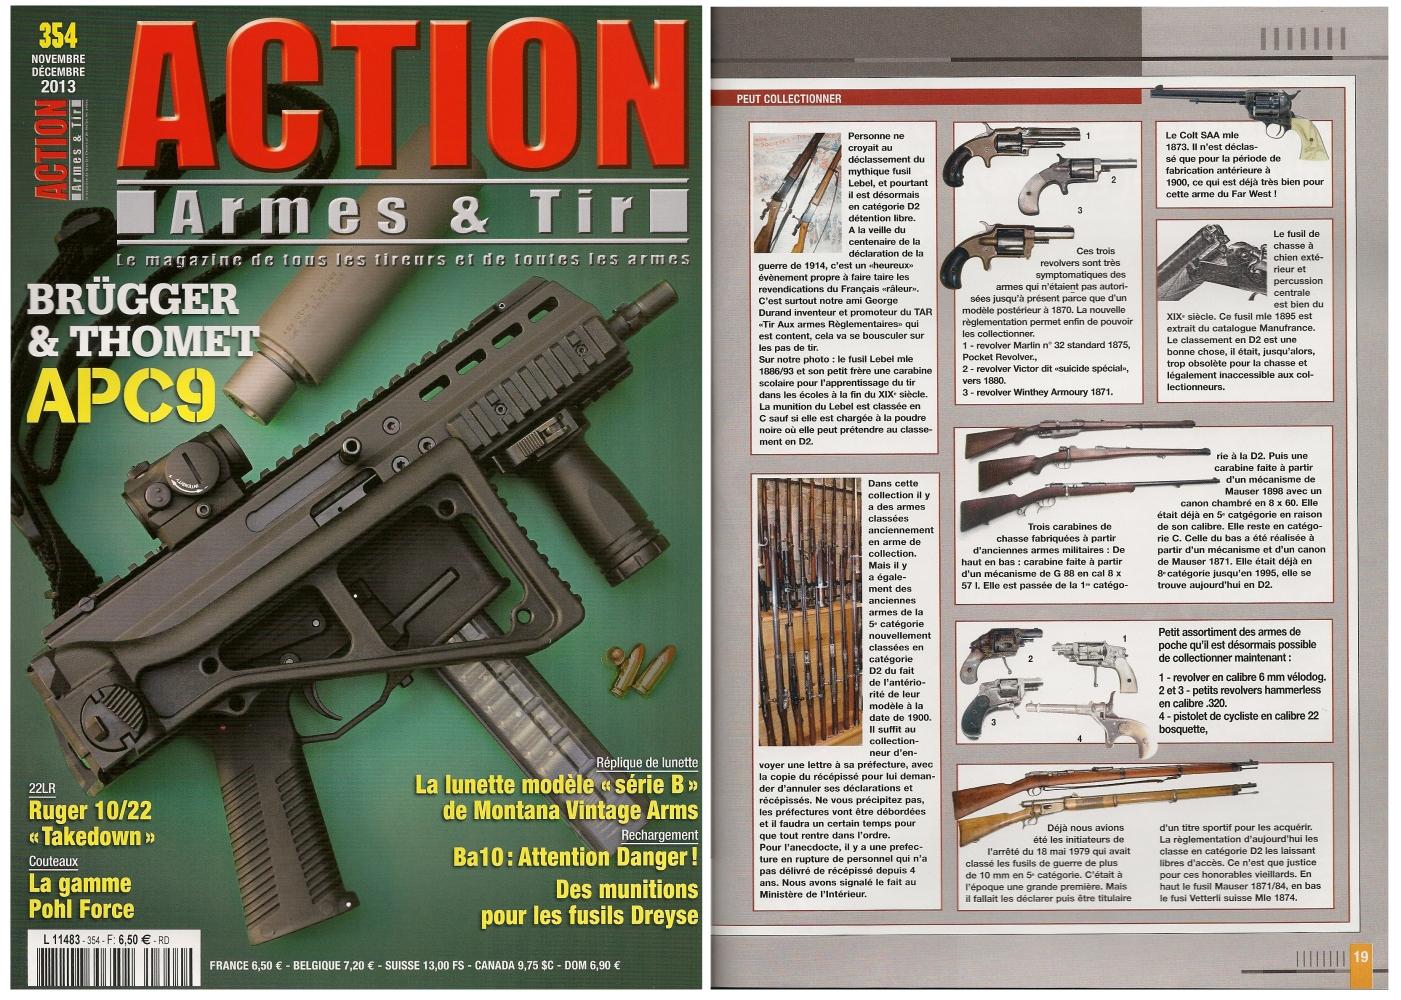 La nouvelle réglementation des armes a fait l'objet d'un article publié sur 8 pages dans le magazine Action Armes & Tir n° 354 (novembre-décembre 2013)